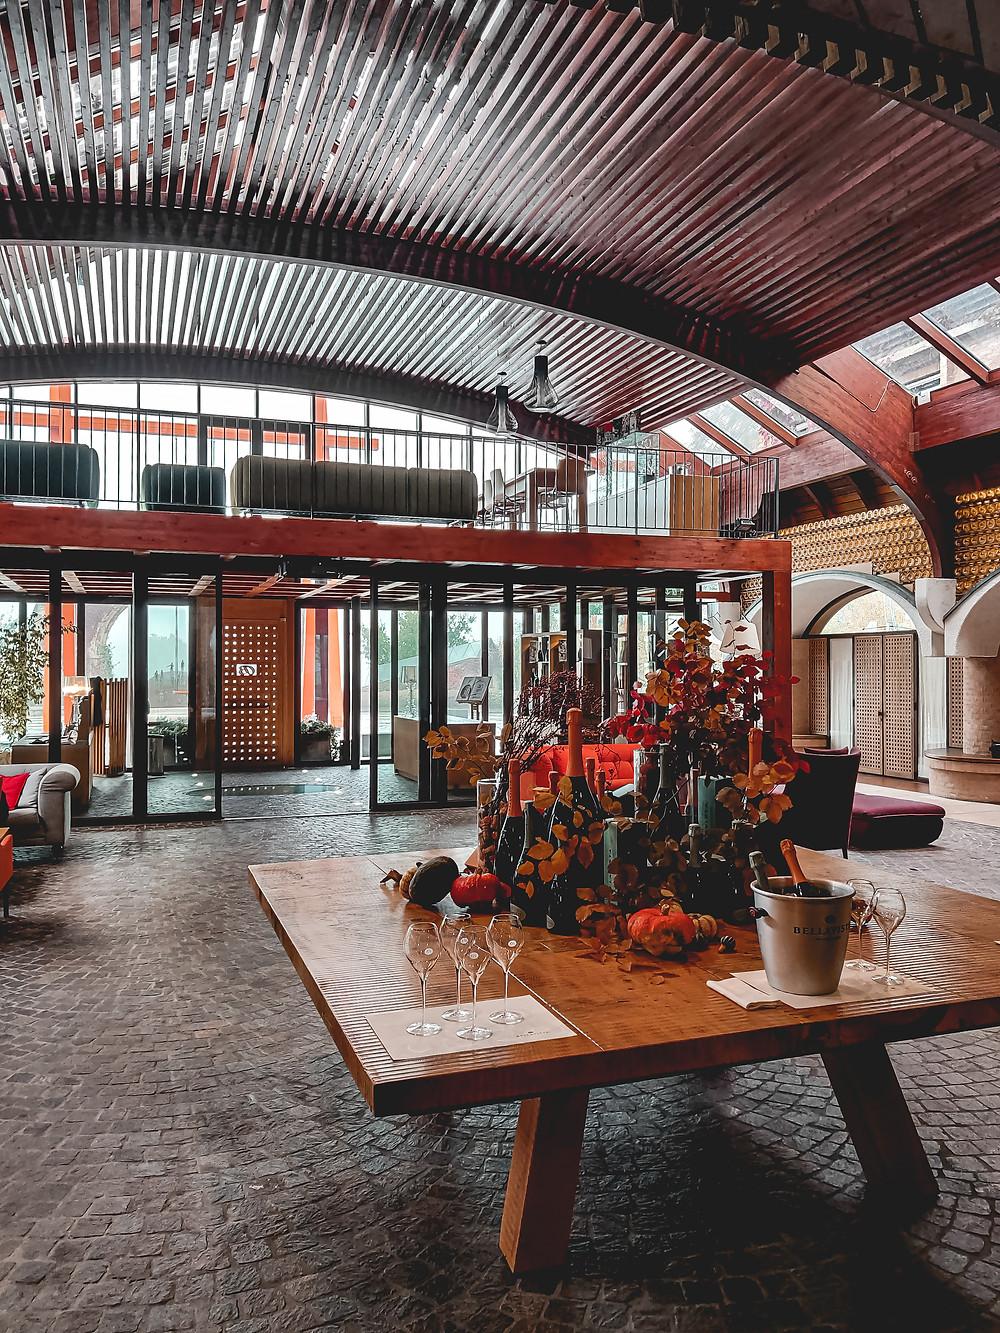 Sala d'accoglienza dell'azienda Bellavista durante il periodo autunnale. Sopra al tavolo in legno massiccio la bottiglie pronta per la degustazione con i relativi calici. Foto by Gajjey Travel to be more